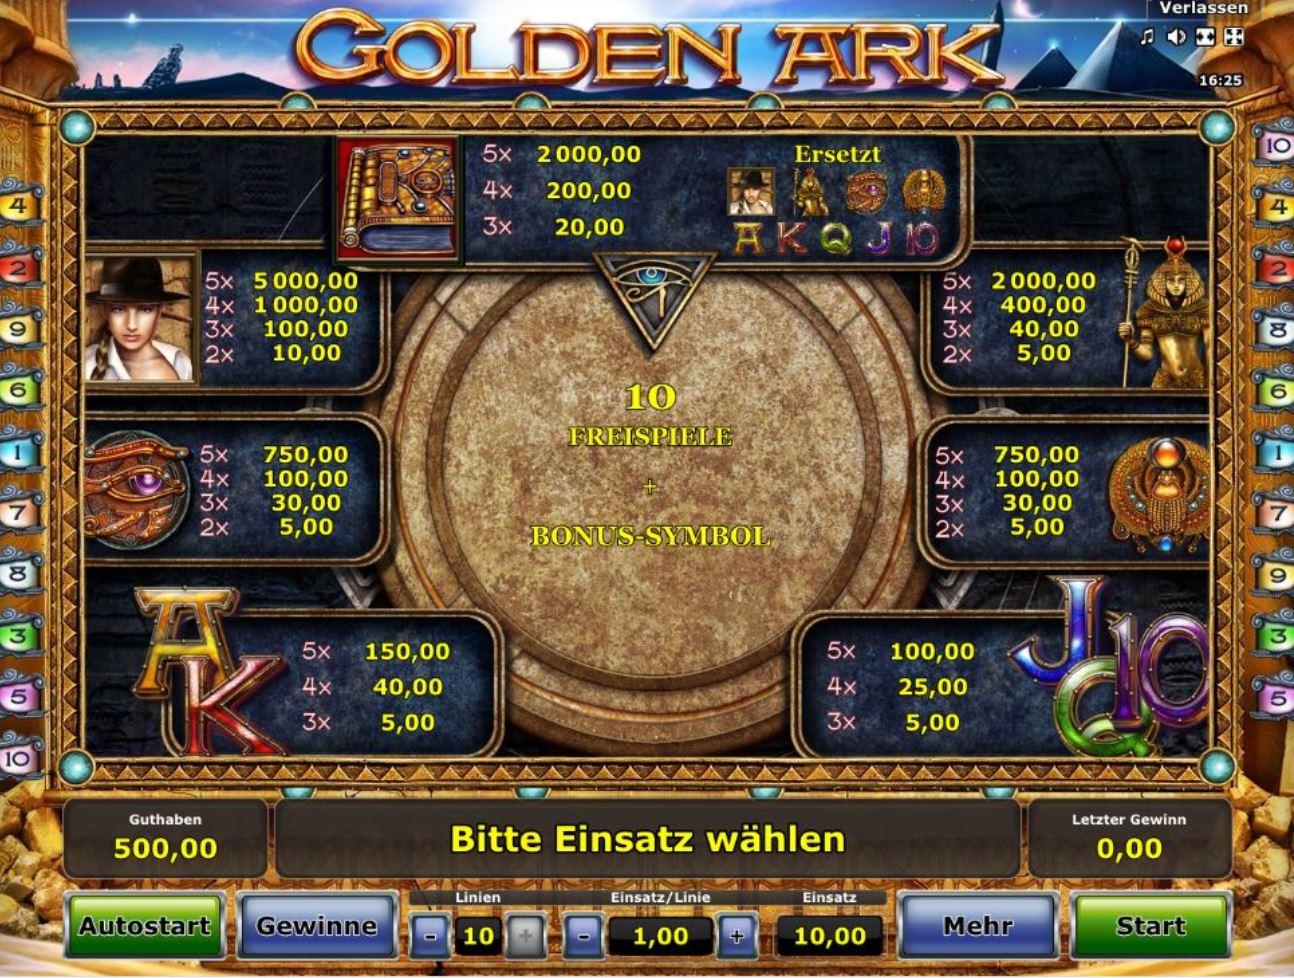 golden ark spielautomat online spielautomaten bonus ohne einzahlung